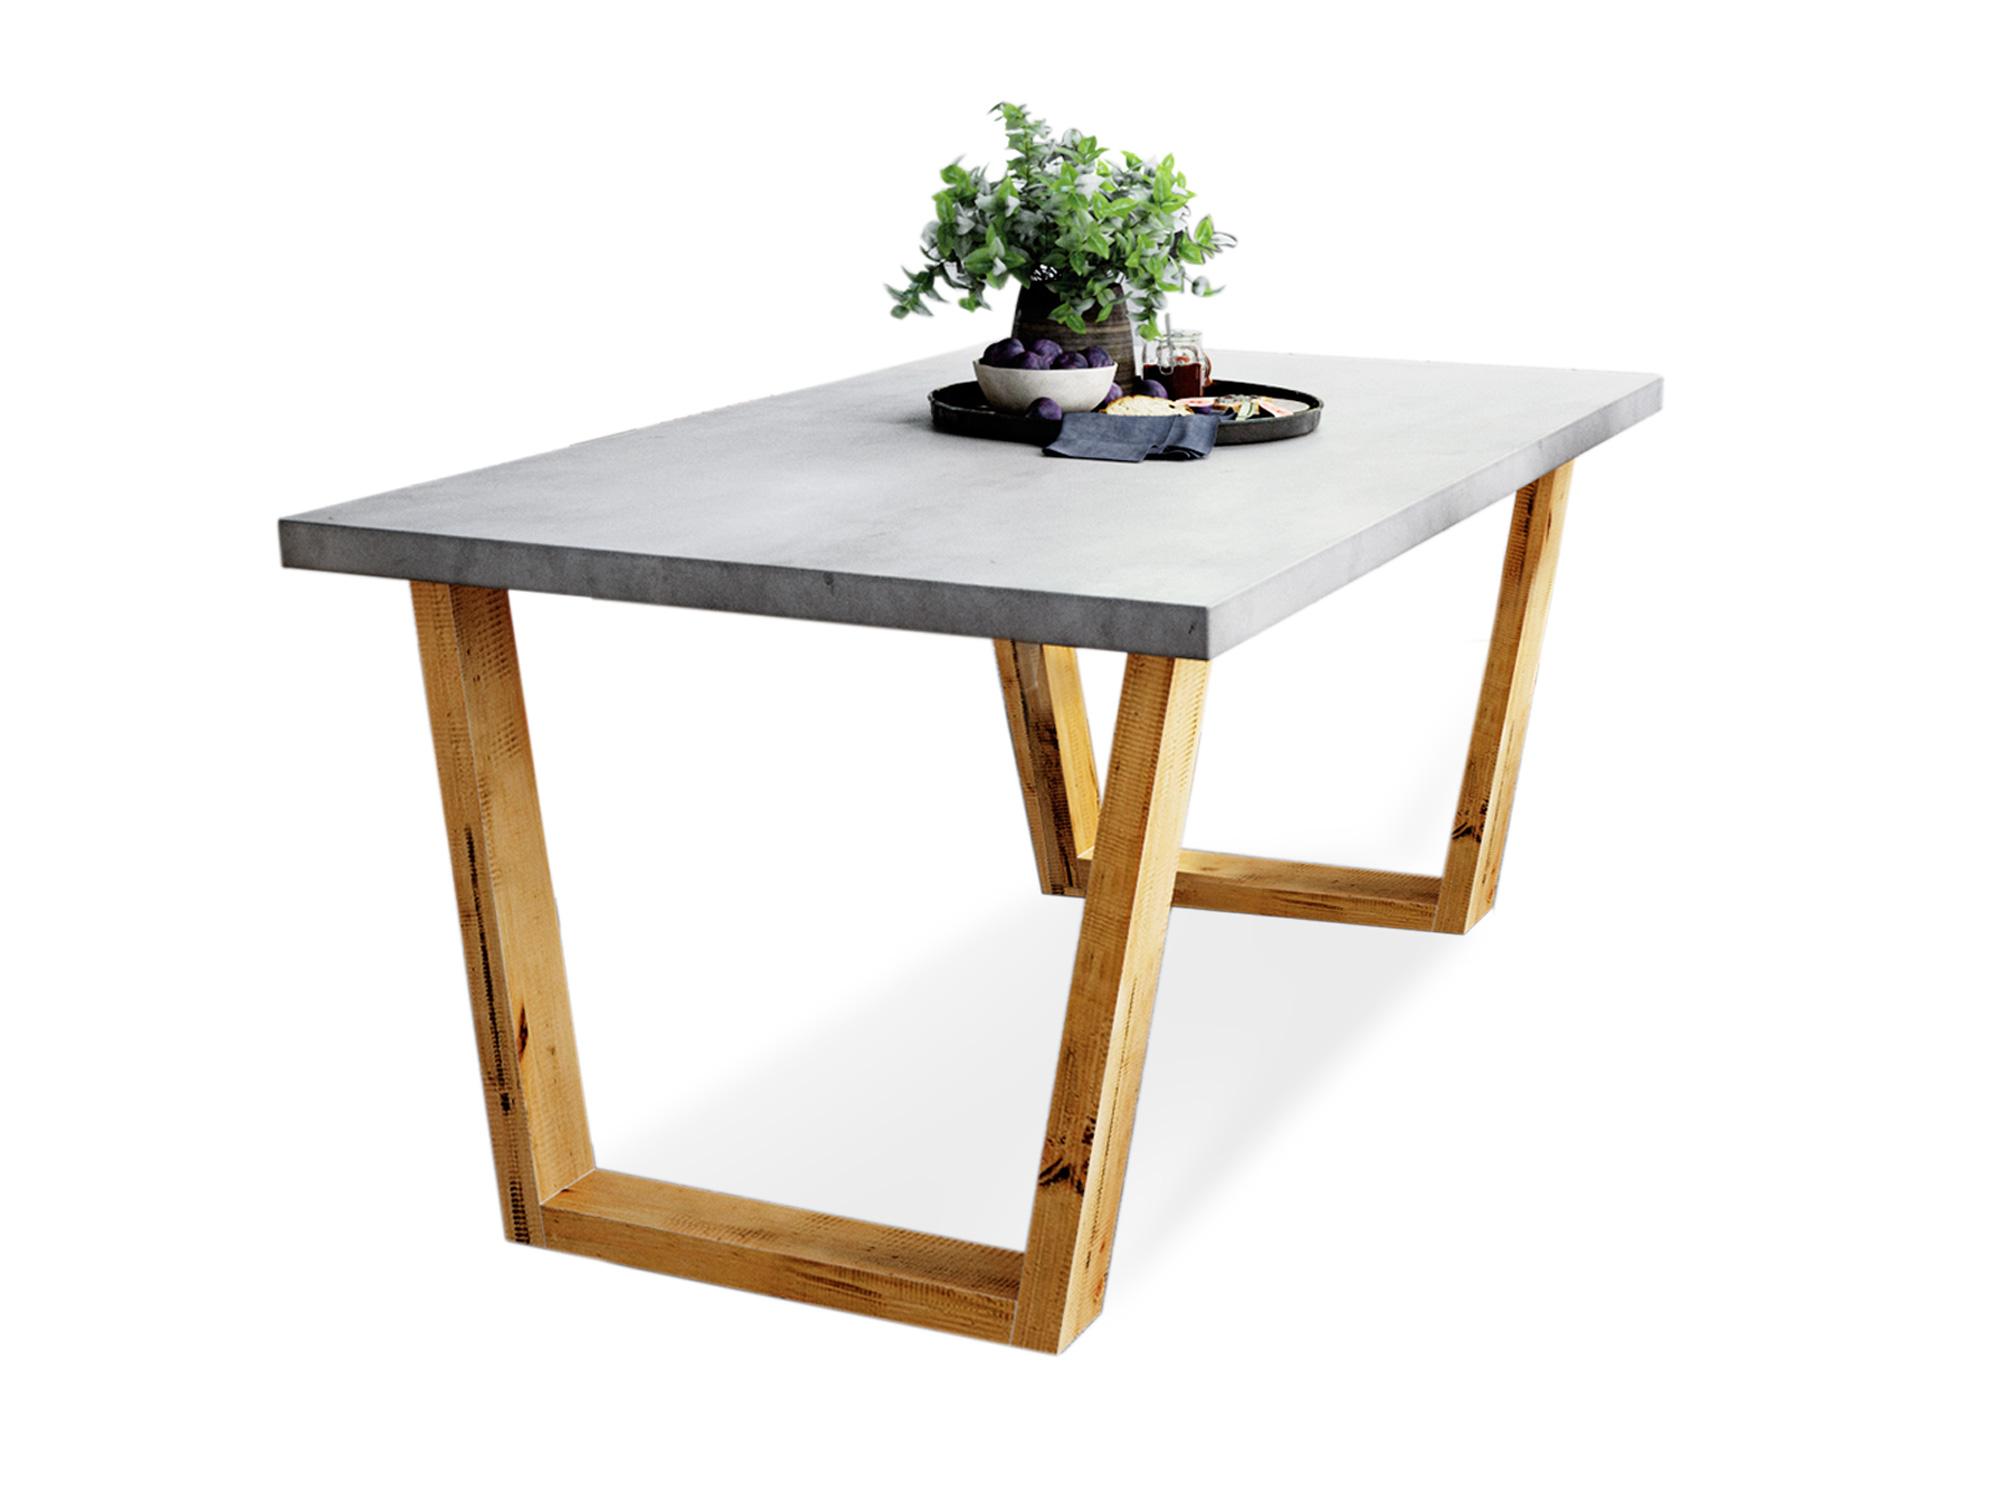 GLAY Esstisch Tisch mit Betonplatte Massivholzkufen Pinie massiv 200x100 cm   eBay